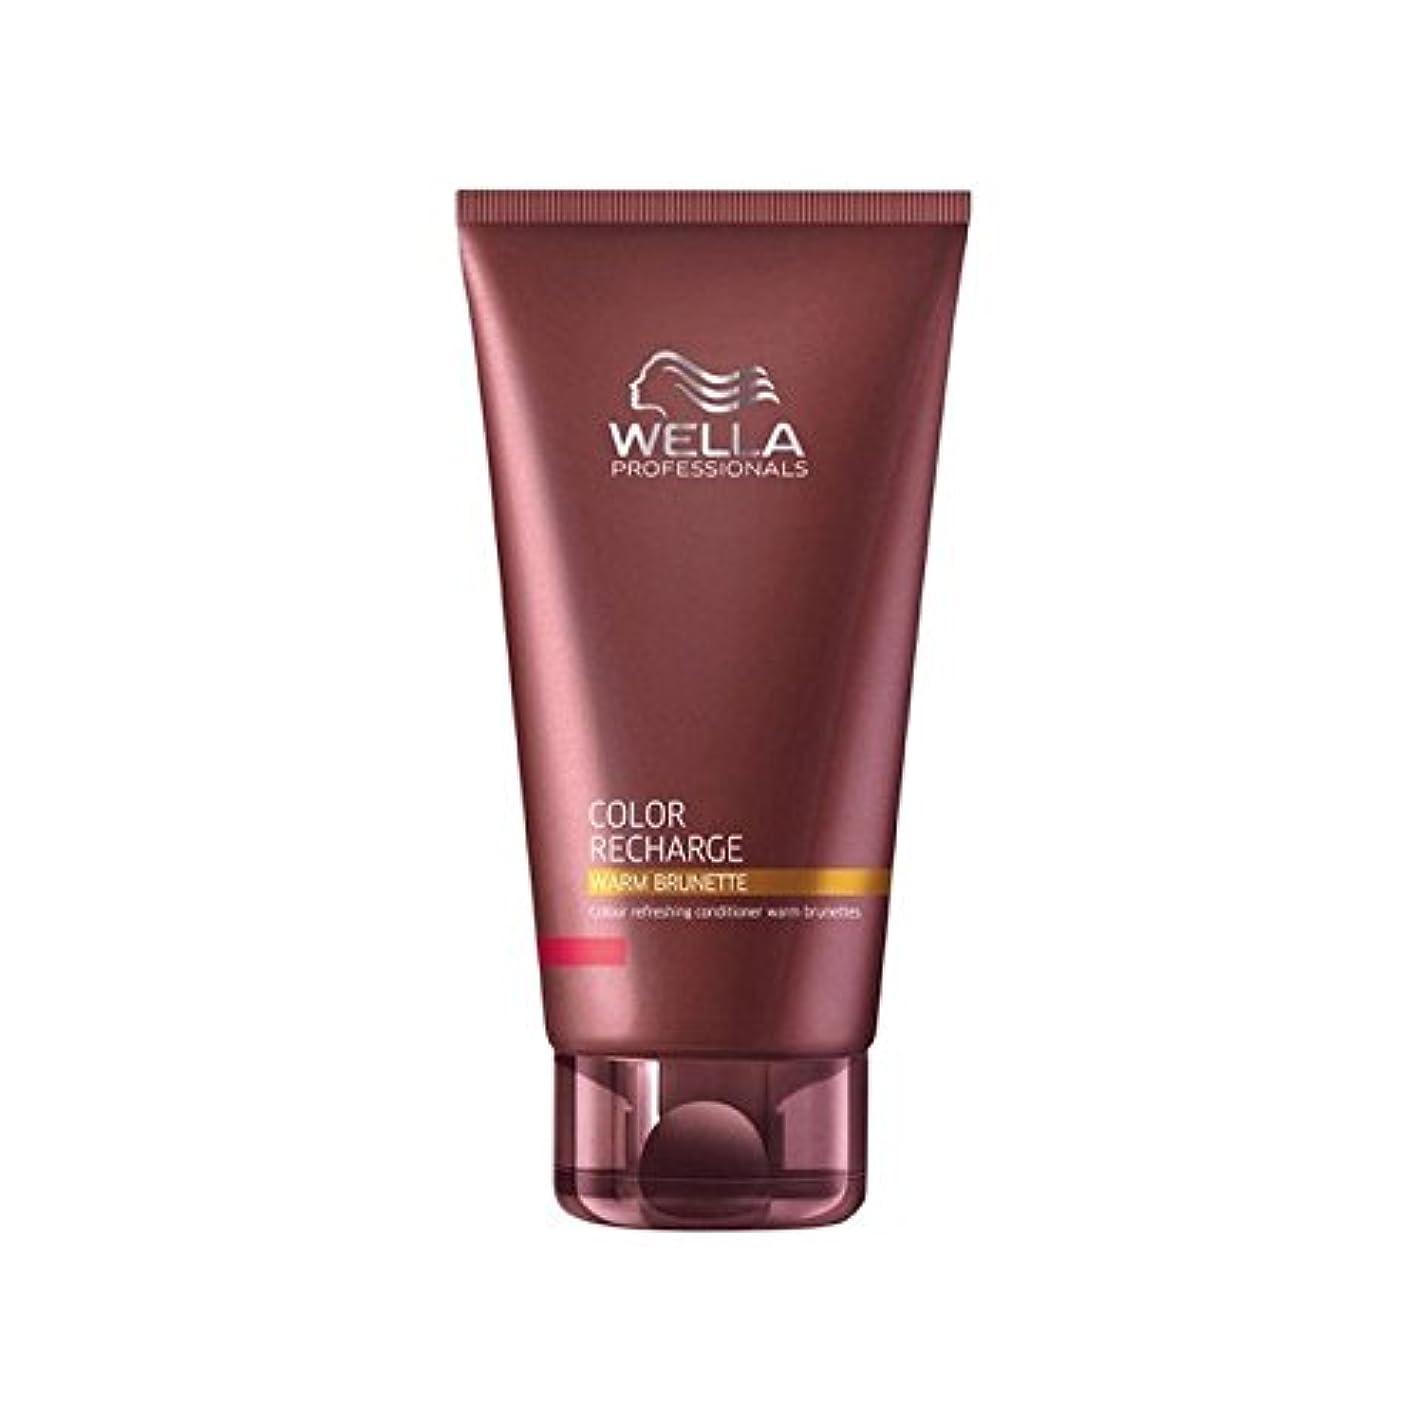 食料品店市民カエルウエラ専門家のカラー再充電コンディショナー暖かいブルネット(200ミリリットル) x2 - Wella Professionals Color Recharge Conditioner Warm Brunette (200ml) (Pack of 2) [並行輸入品]